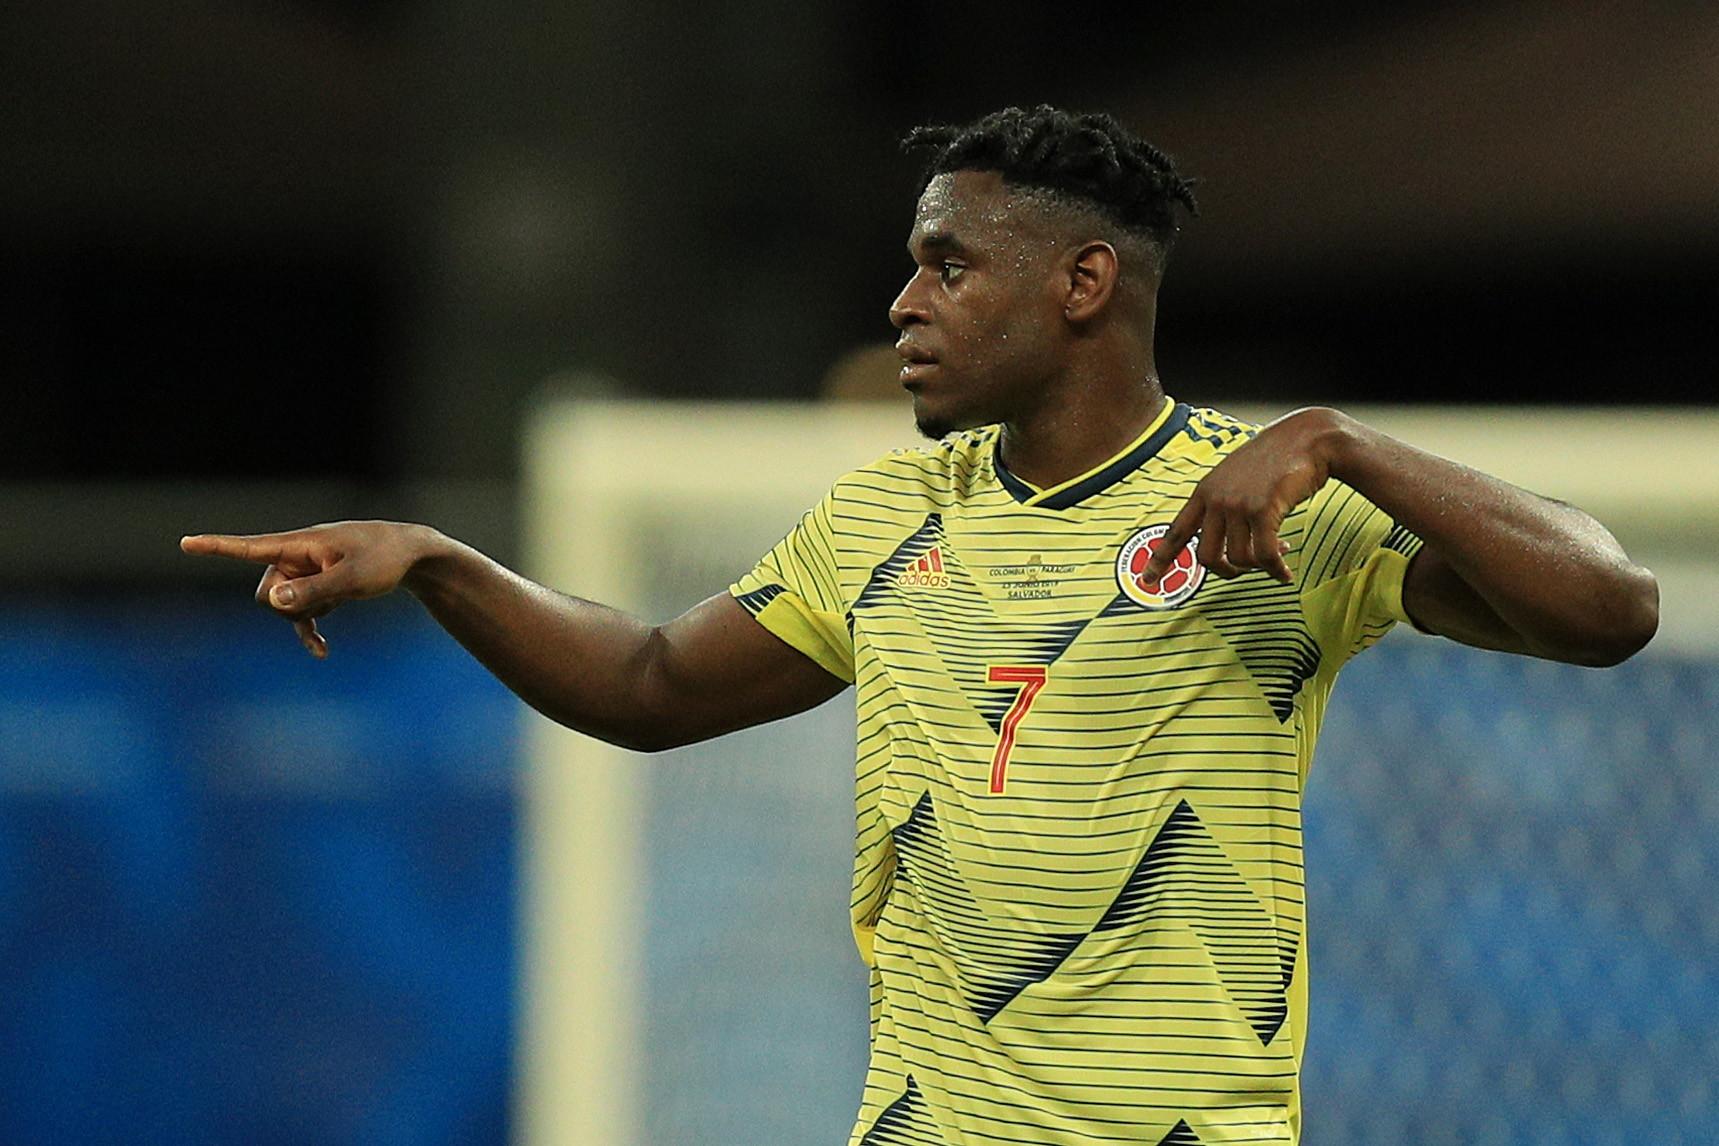 Zapata - problema all'adduttore, uscito dal campo al 23' della gara contro il Cile